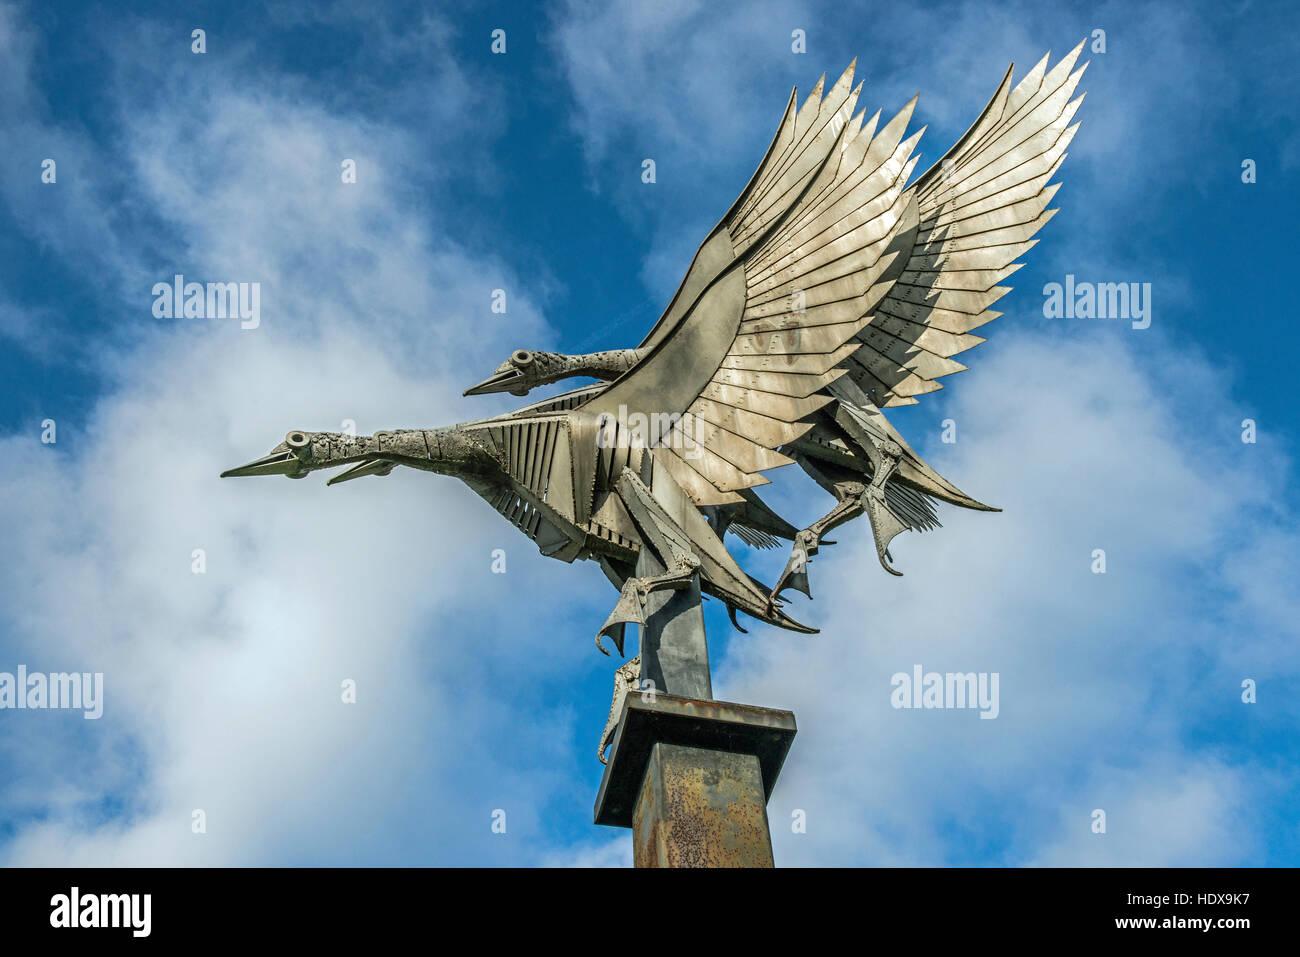 Statue, ou coulage de métaux, de trois canards colverts en vol sur les rives de la rivière Wye à Ross on Wye, Herefordshire en Angleterre Banque D'Images